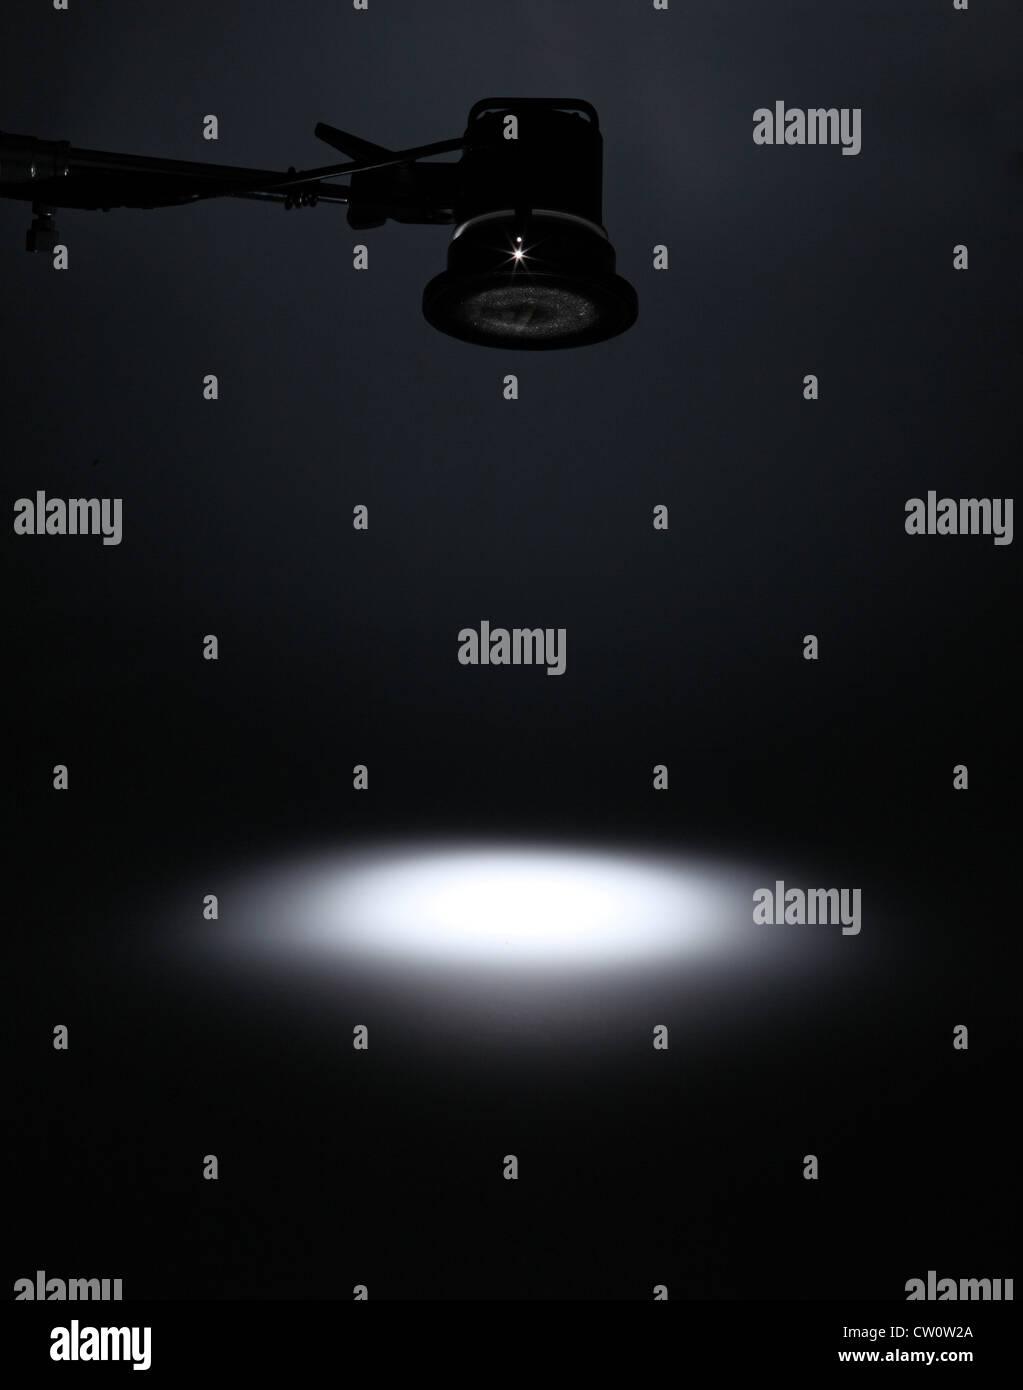 Una fotografía de luz por encima de la creación de un foco blanco sobre un fondo oscuro vacío. Imagen De Stock